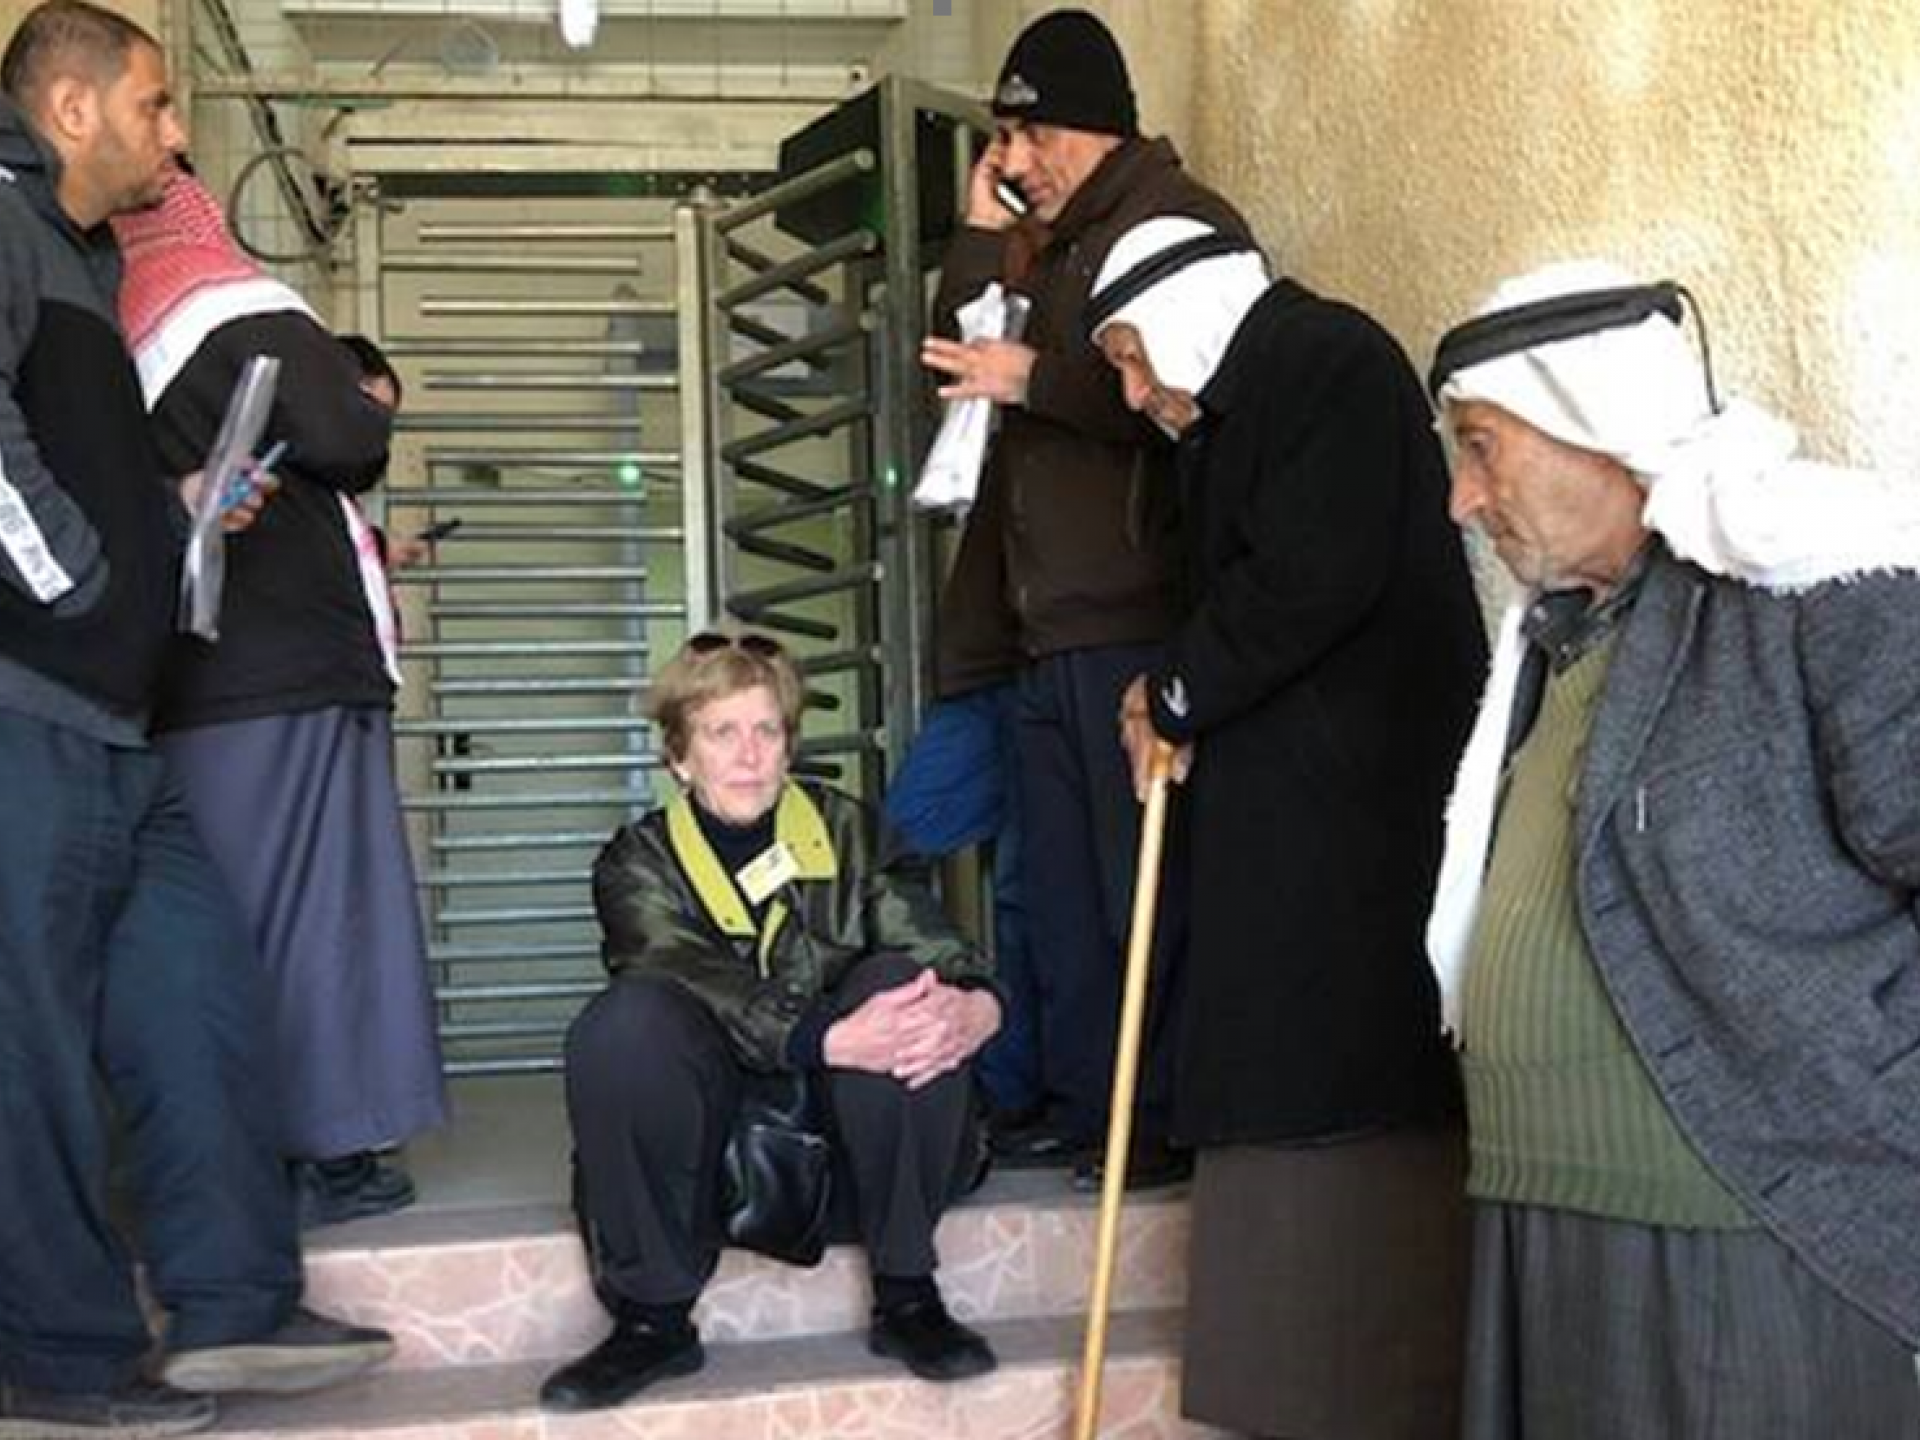 אישה יושבת ליד קרוסלה ומספר גברים פלסטינים לידה